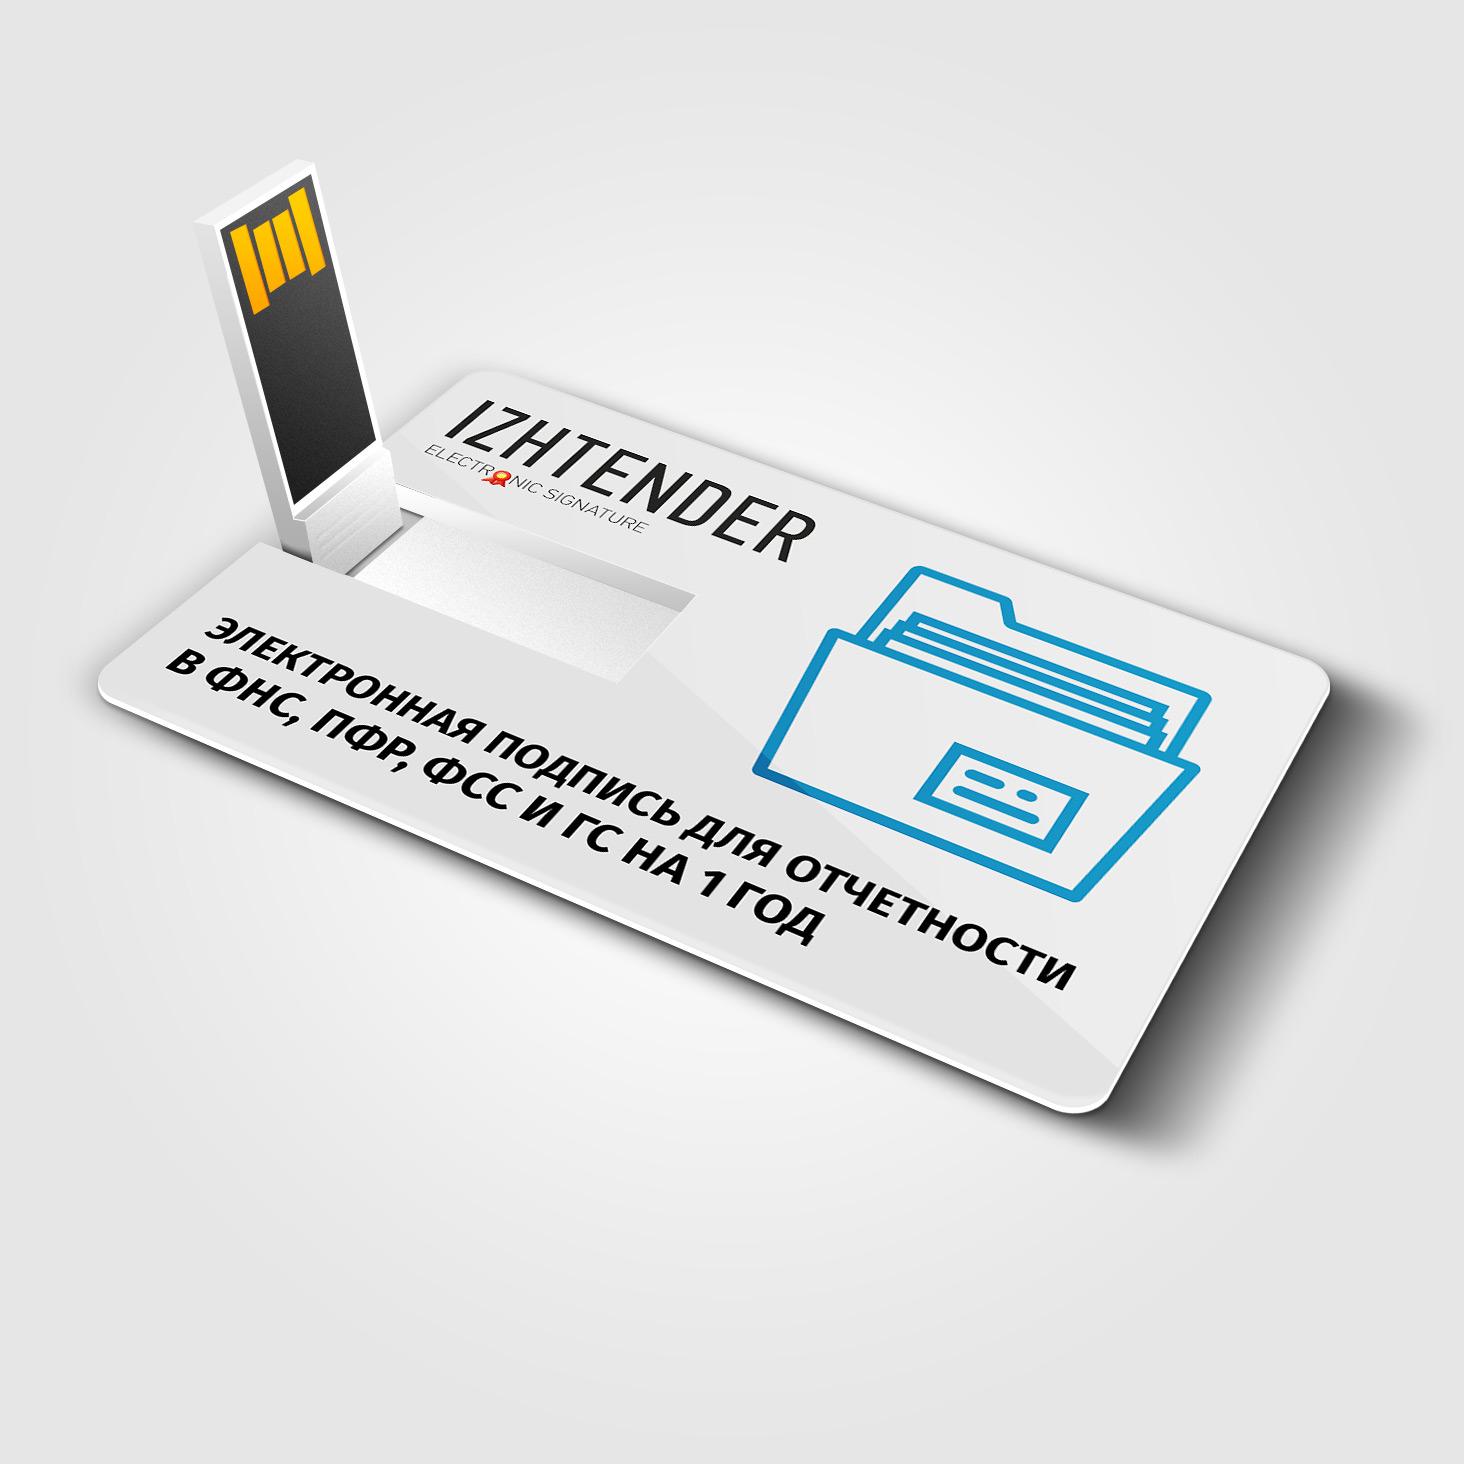 Ижевск отчетность электронная пособие на погребение в 1с 8.3 бухгалтерия